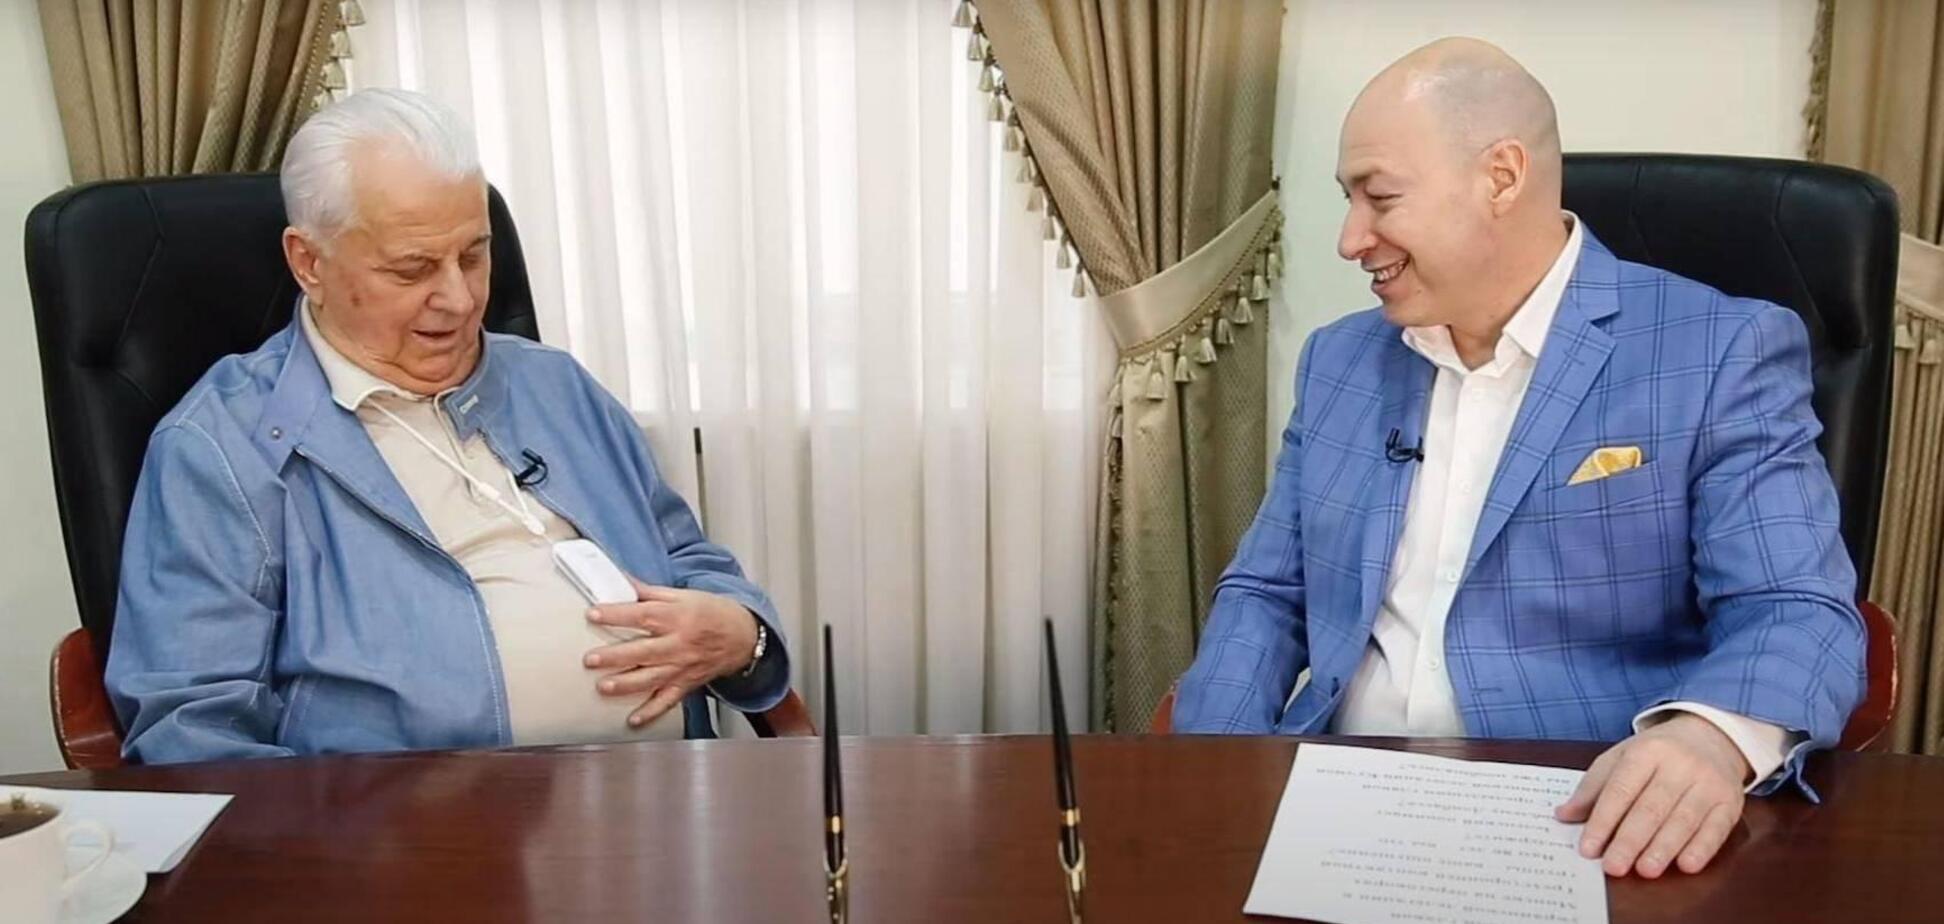 Леонид Кравчук утверждает, что спасается от коронавируса американской электронной маской